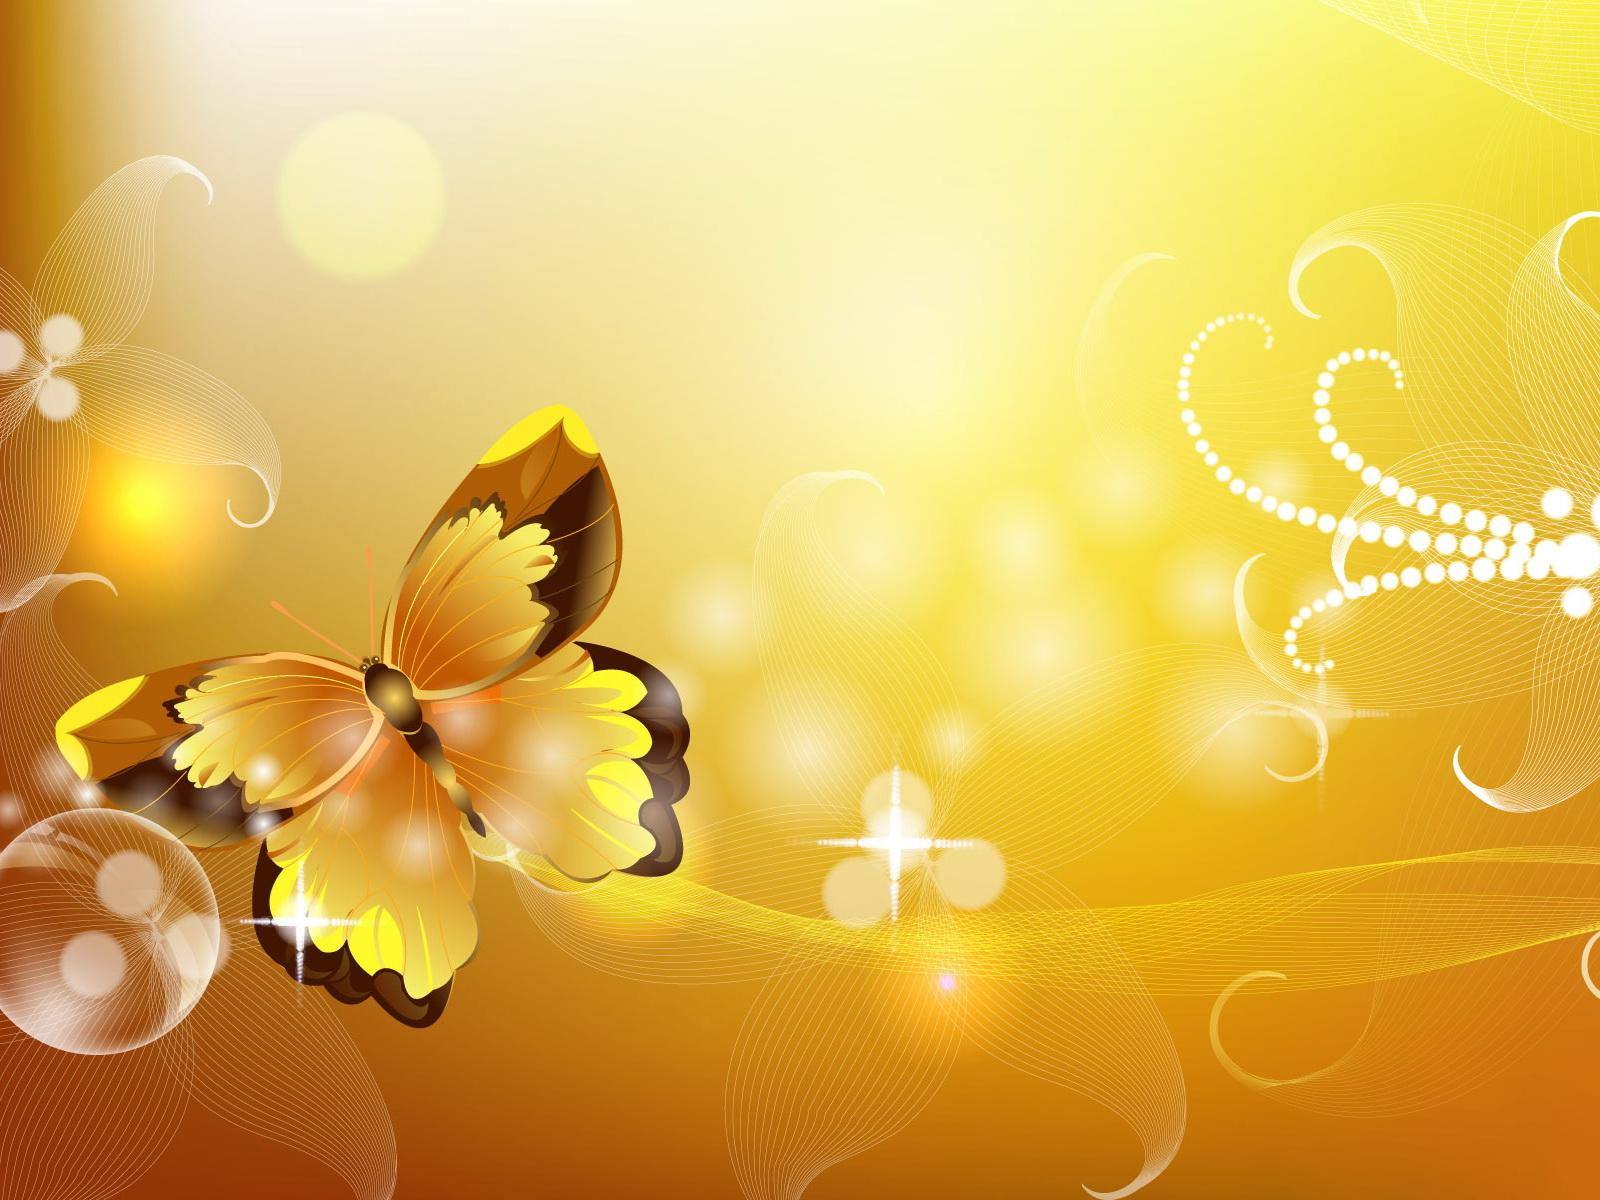 yellow buttefly wallpapers, скачать фото, обои для рабочего стола, желтая бабочка